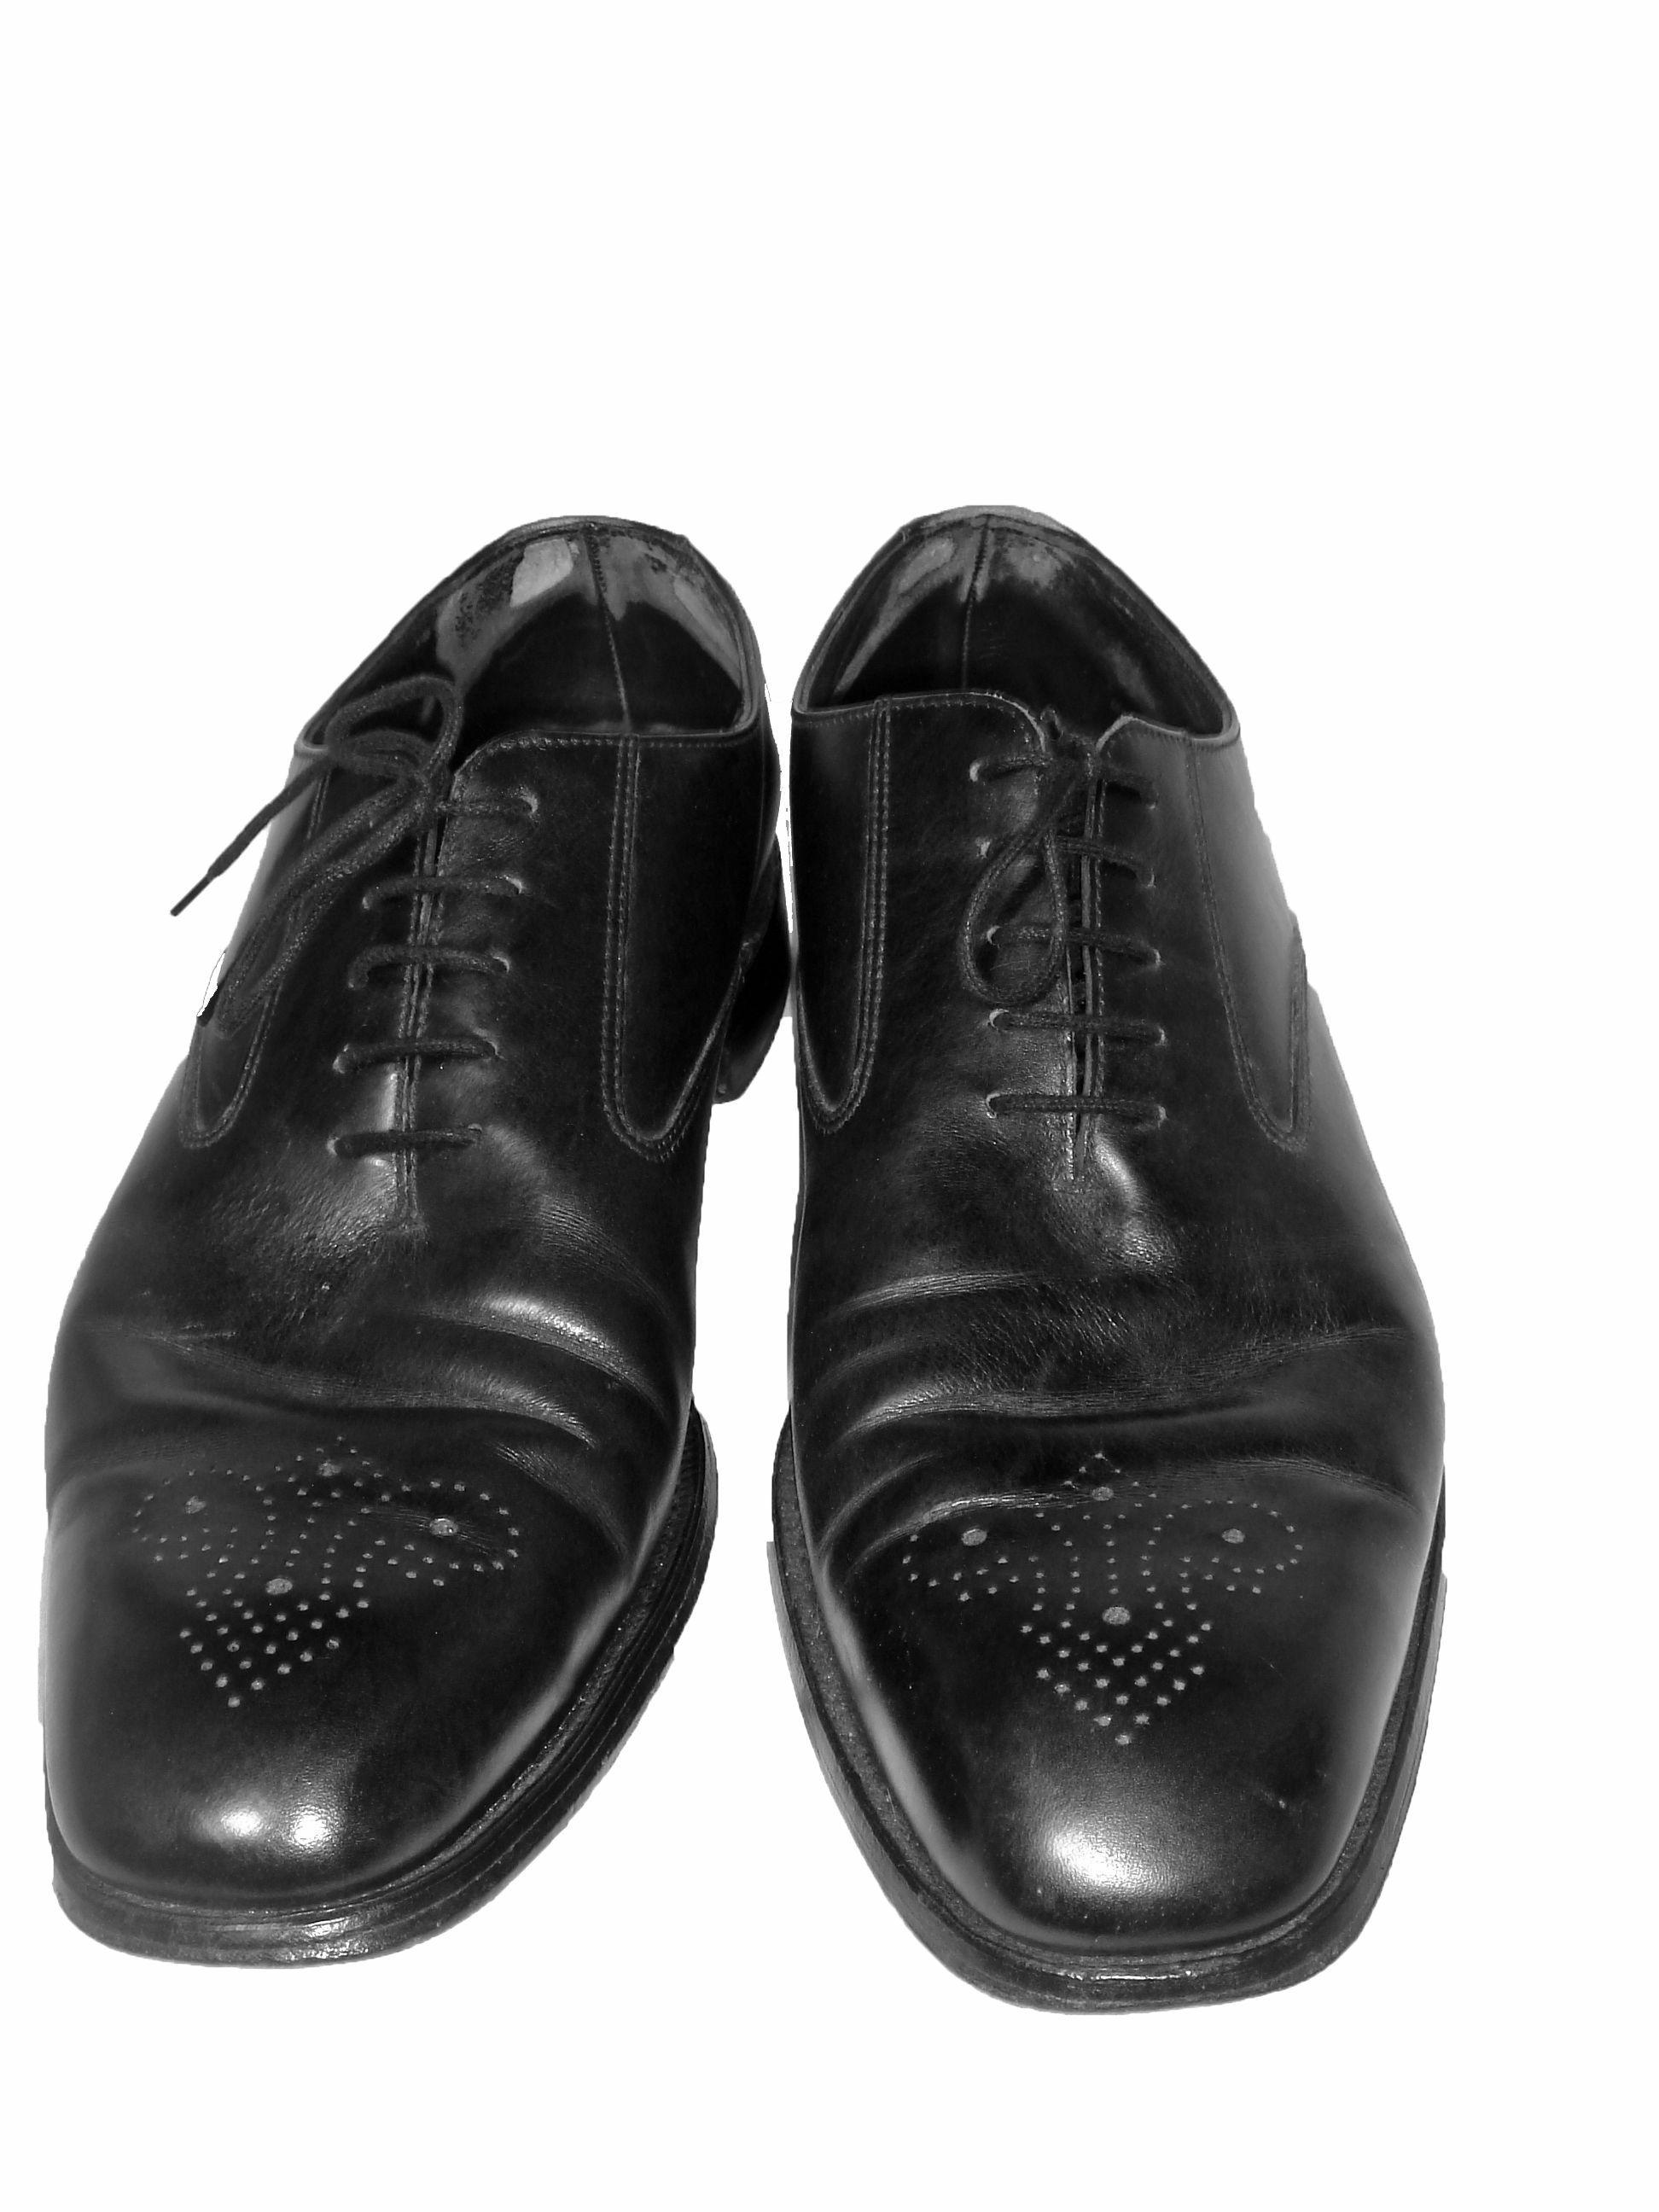 walmart s com scholl michael comfort shoe doctor ip men comforter dr shoes